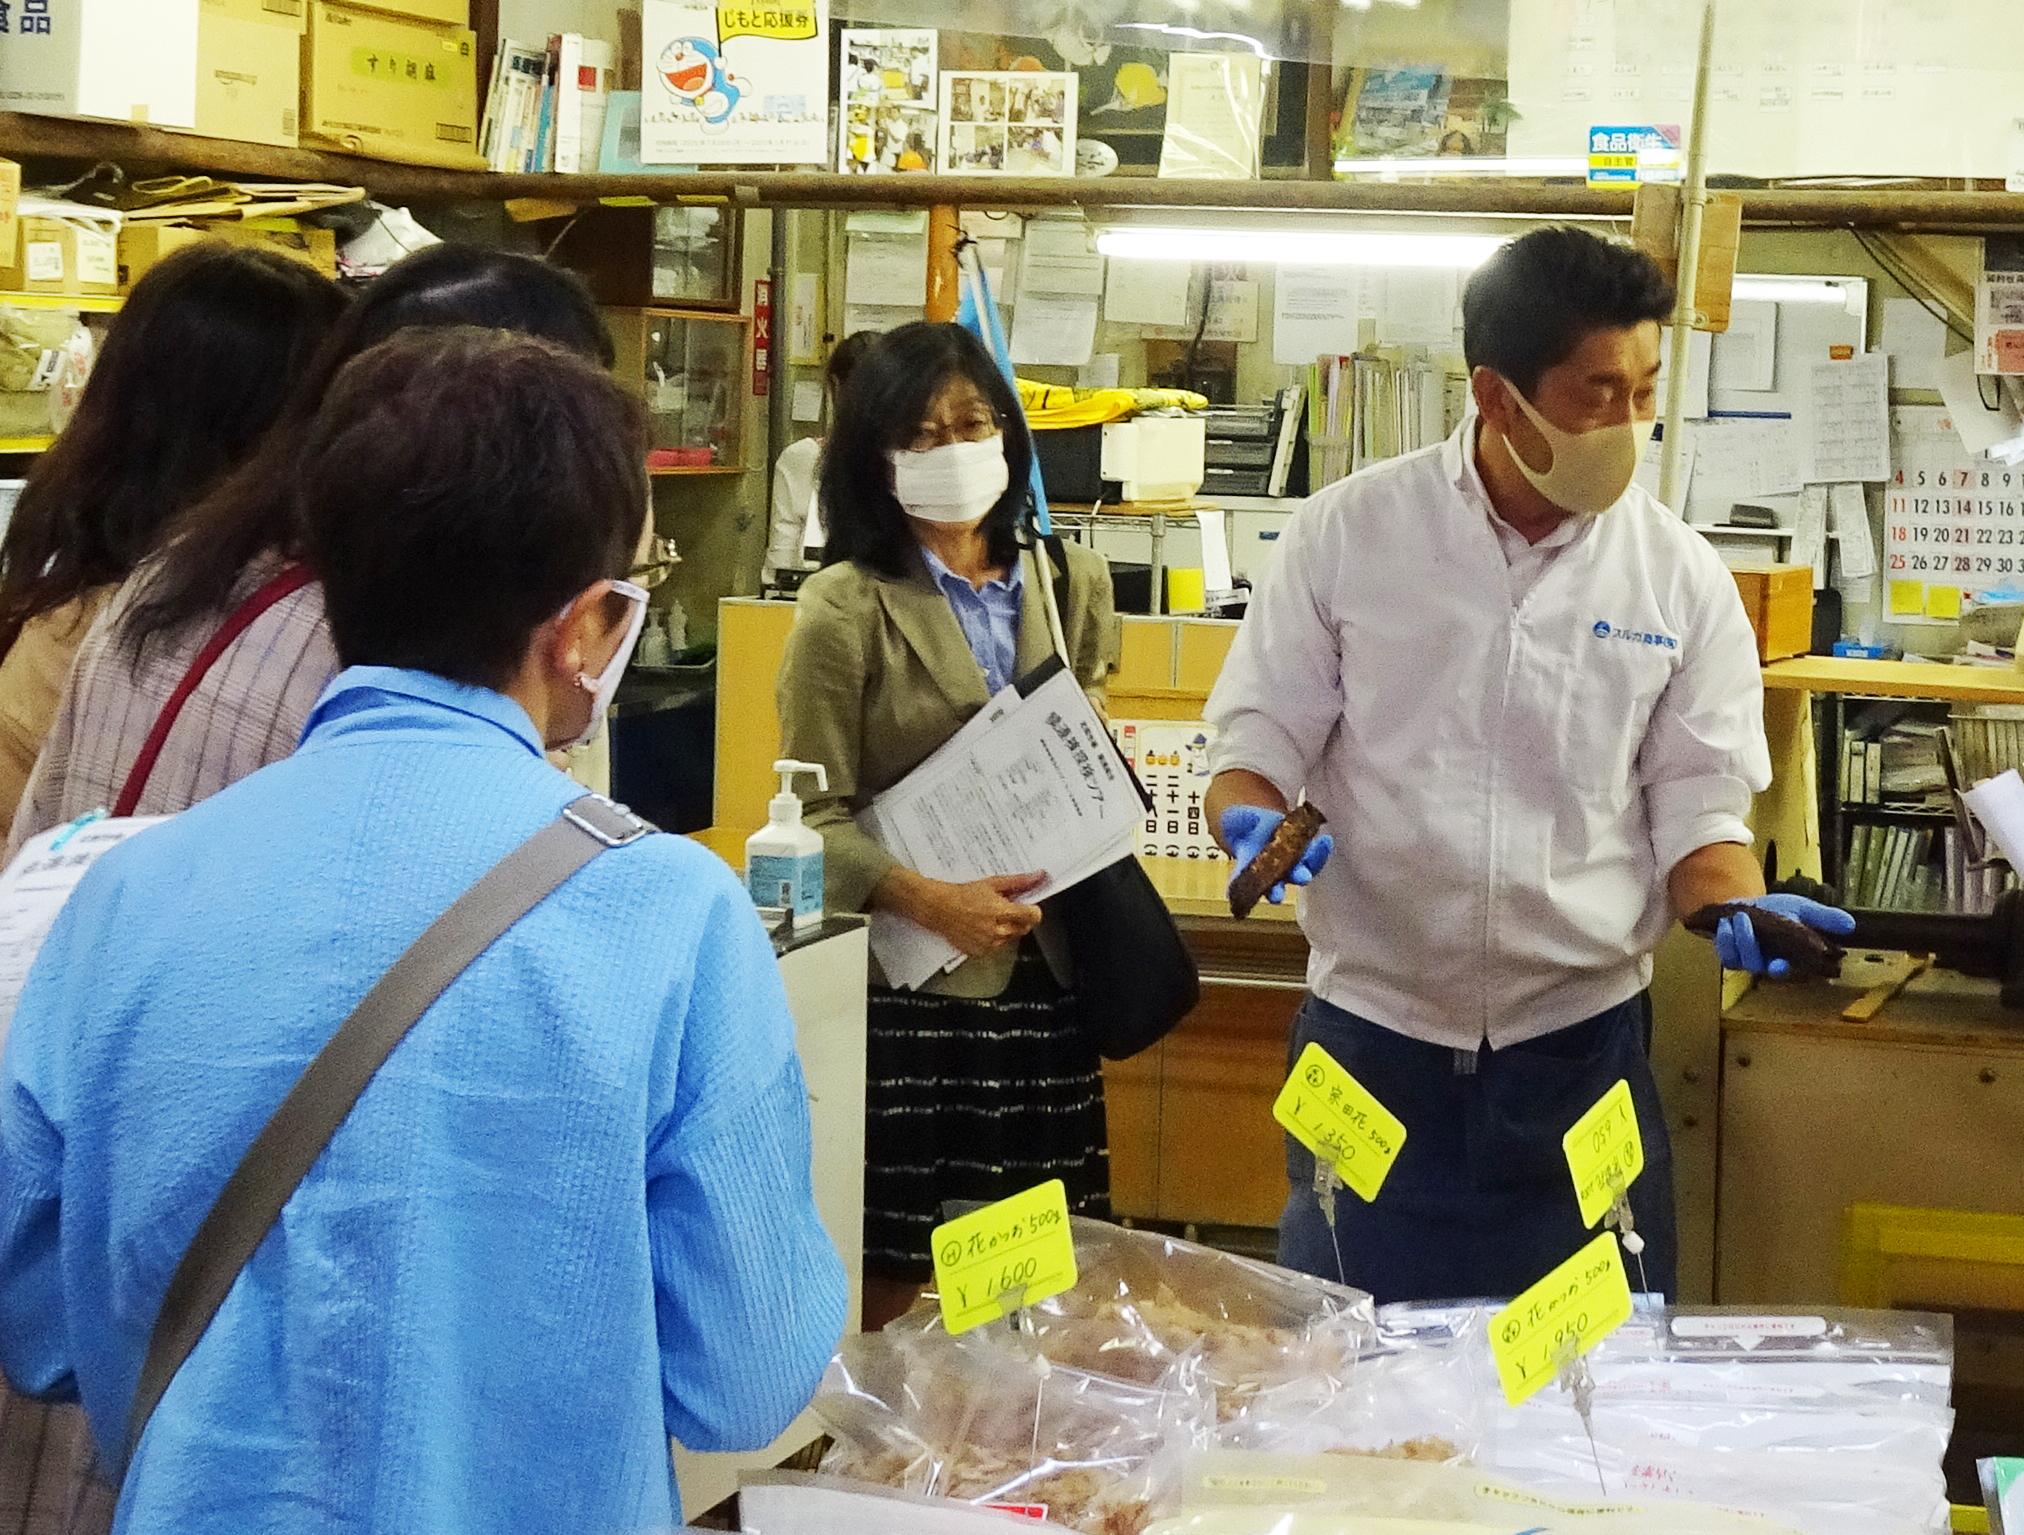 【体験レポ】川崎市北部市場『探検ツアー』に参加してきました「川崎じもと応援券」も使える!